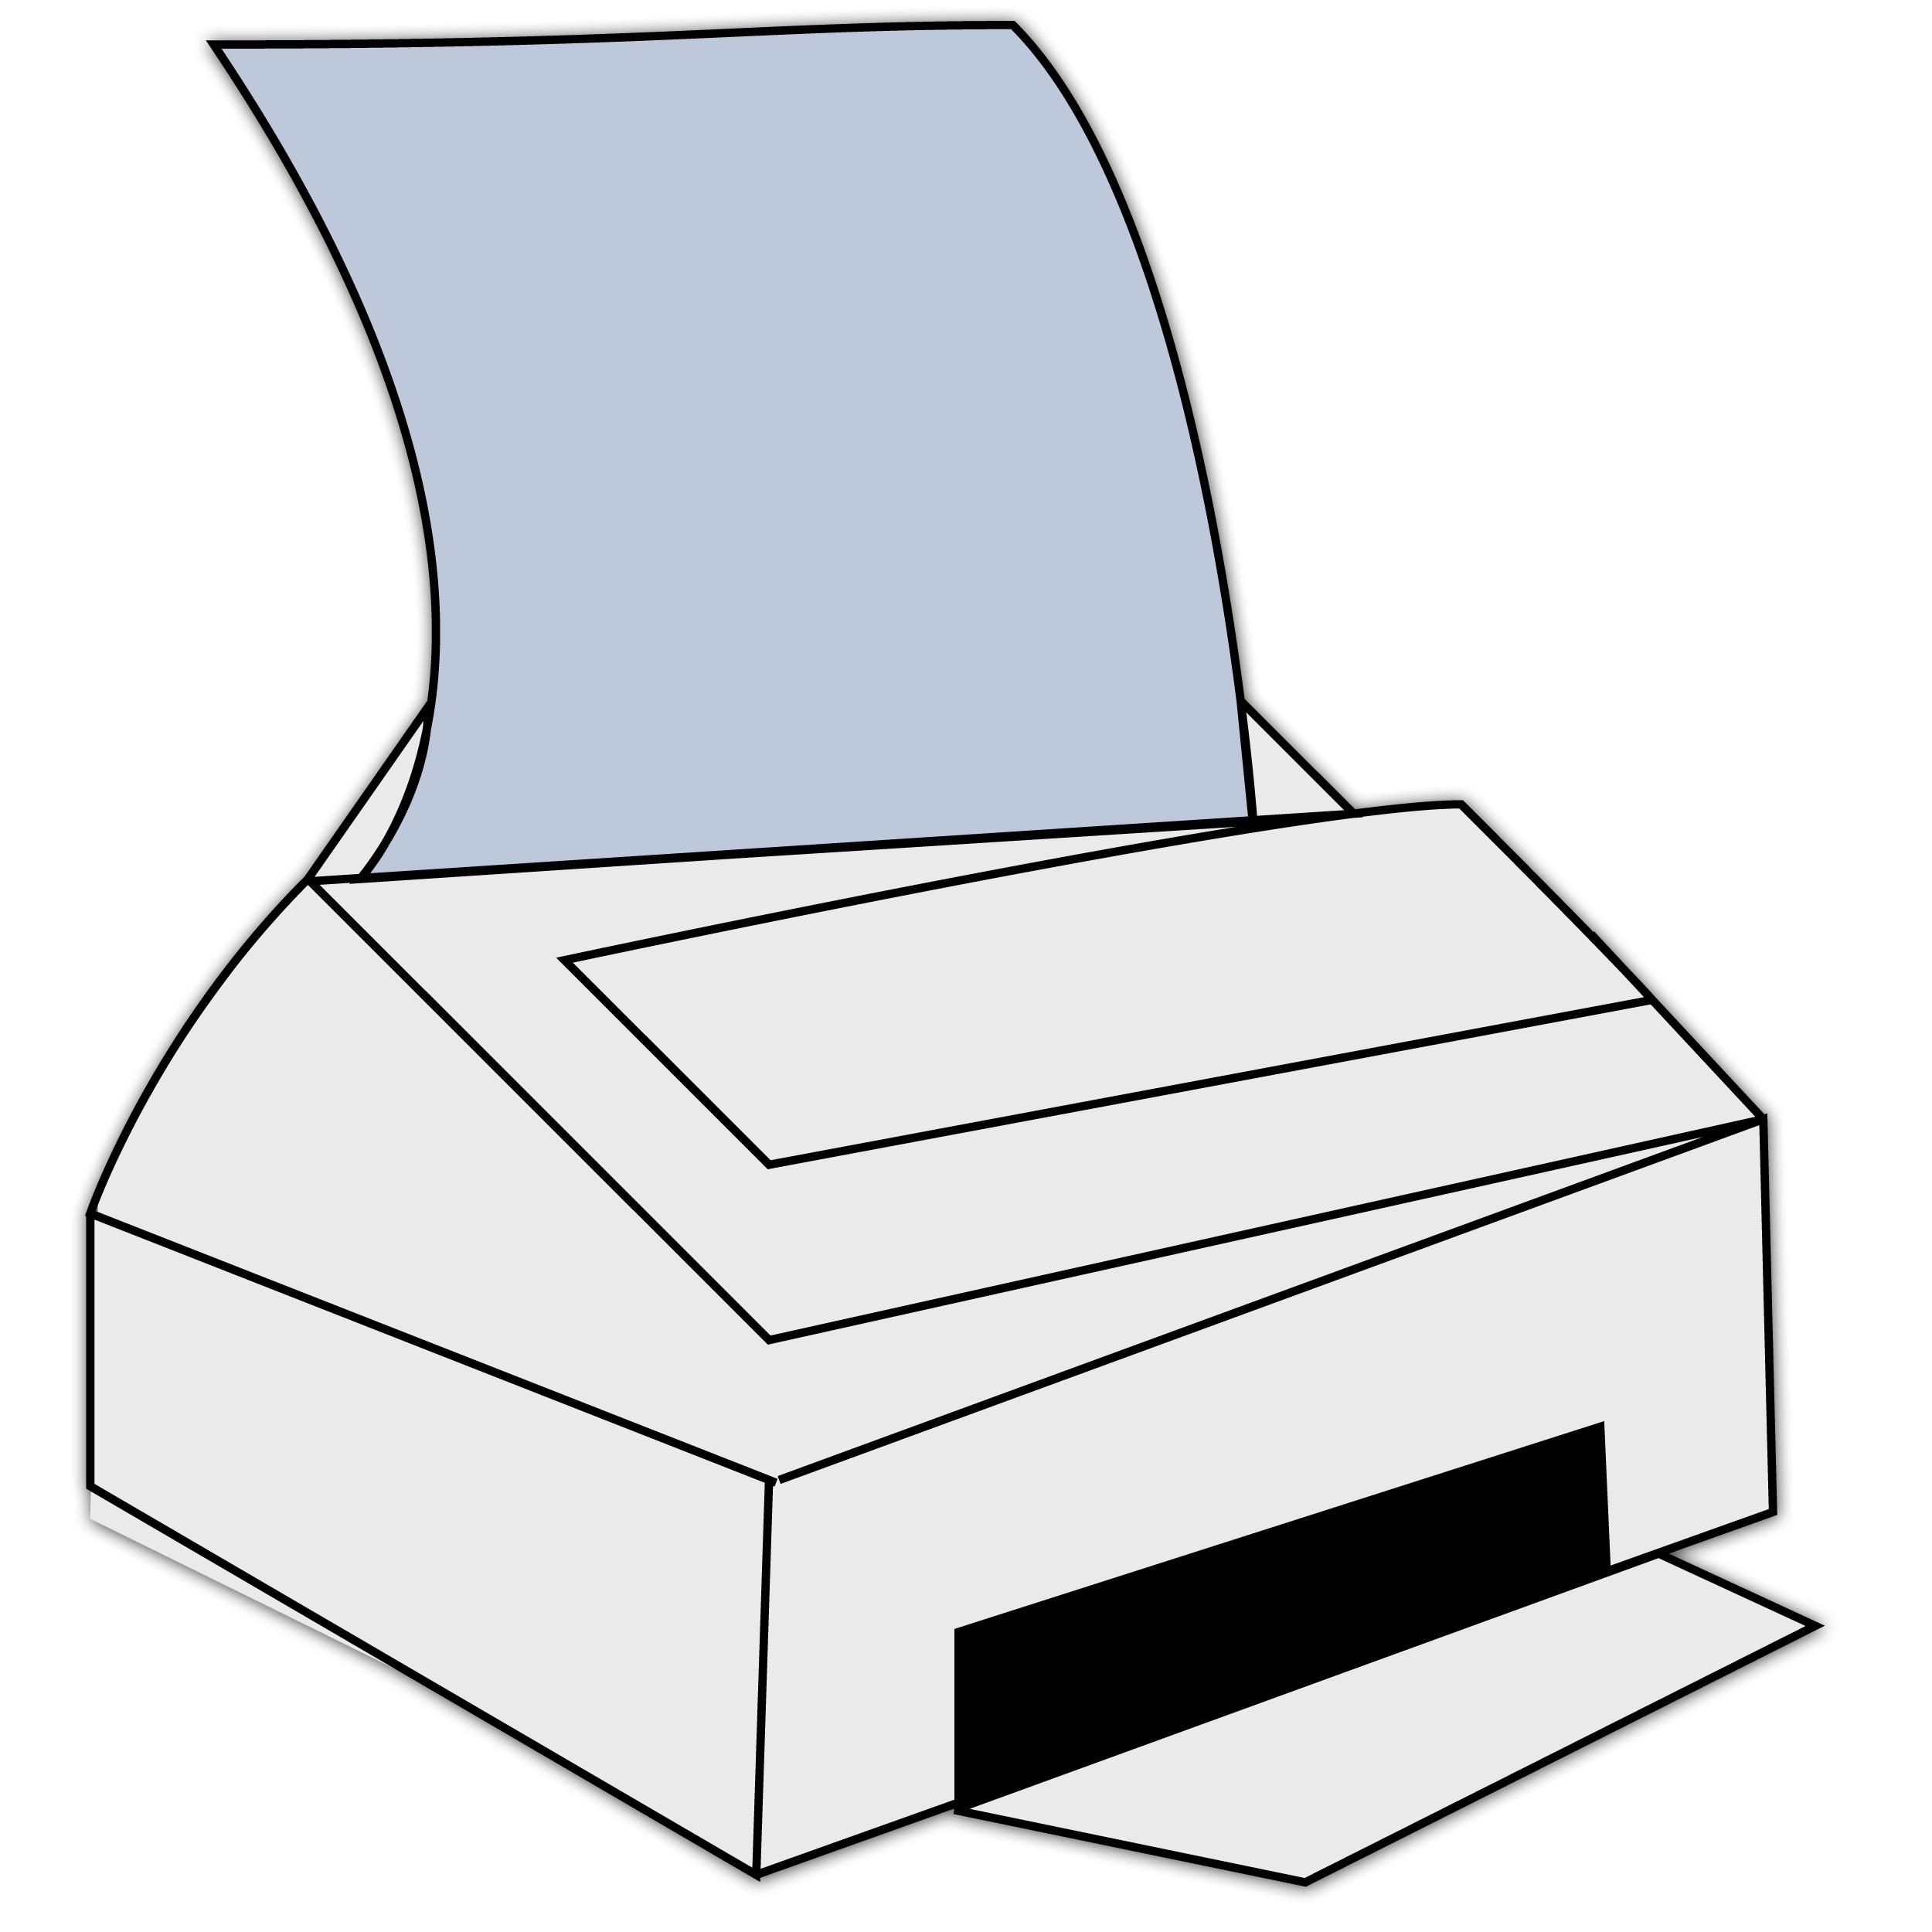 Quelle imprimante utiliser pour faire du transfert numérique?